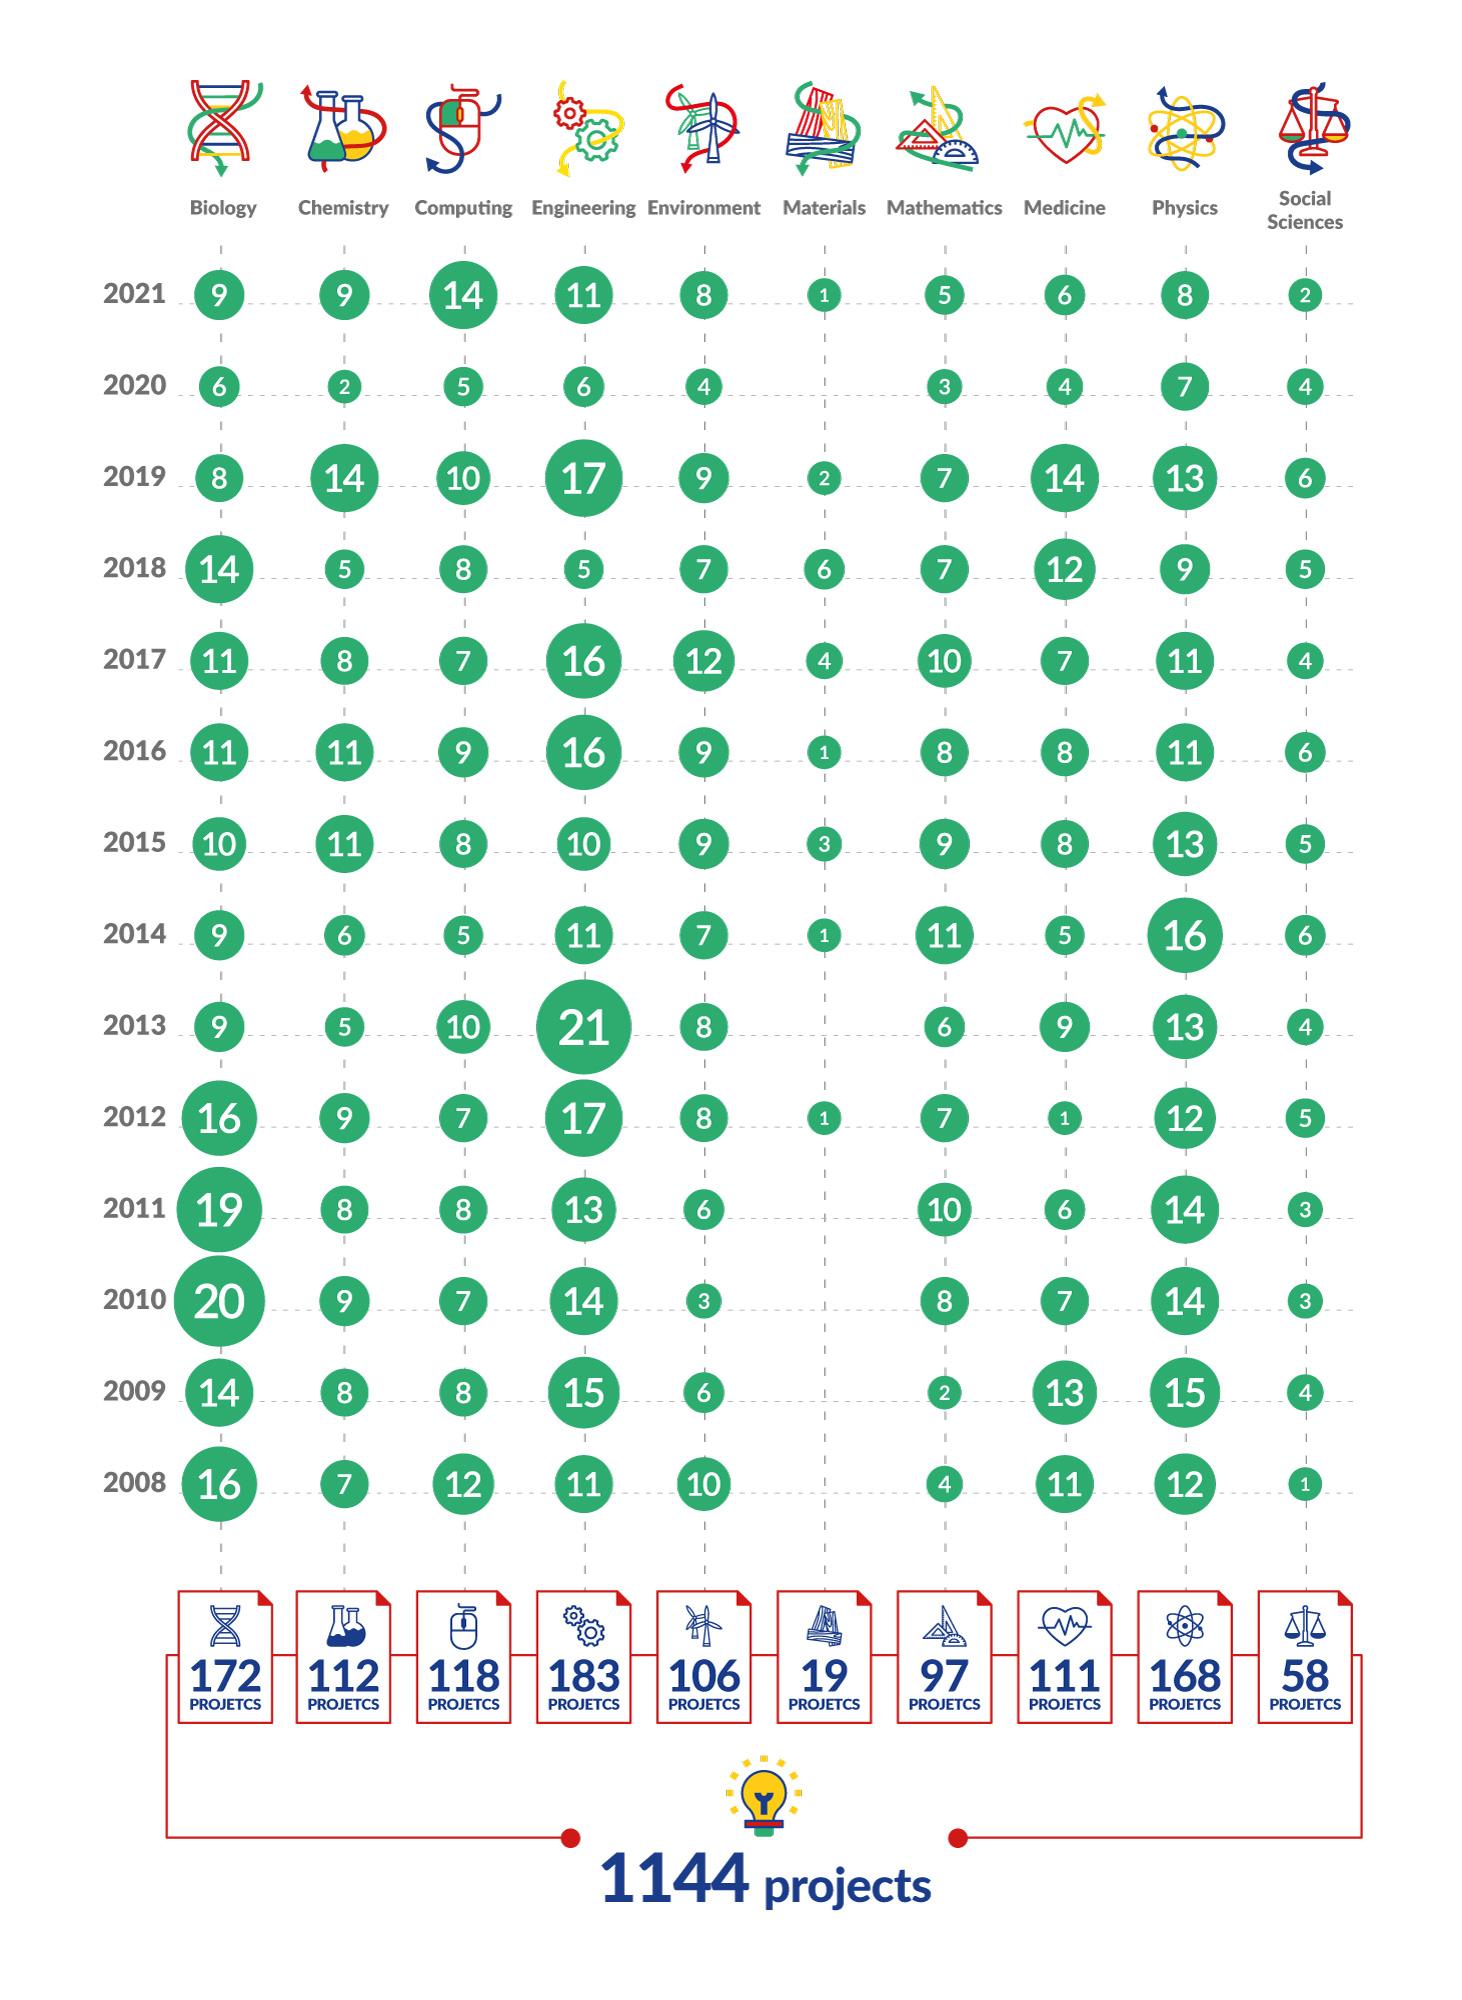 Proyectos EUCYS 2021 por área de conocimiento 2008-2021